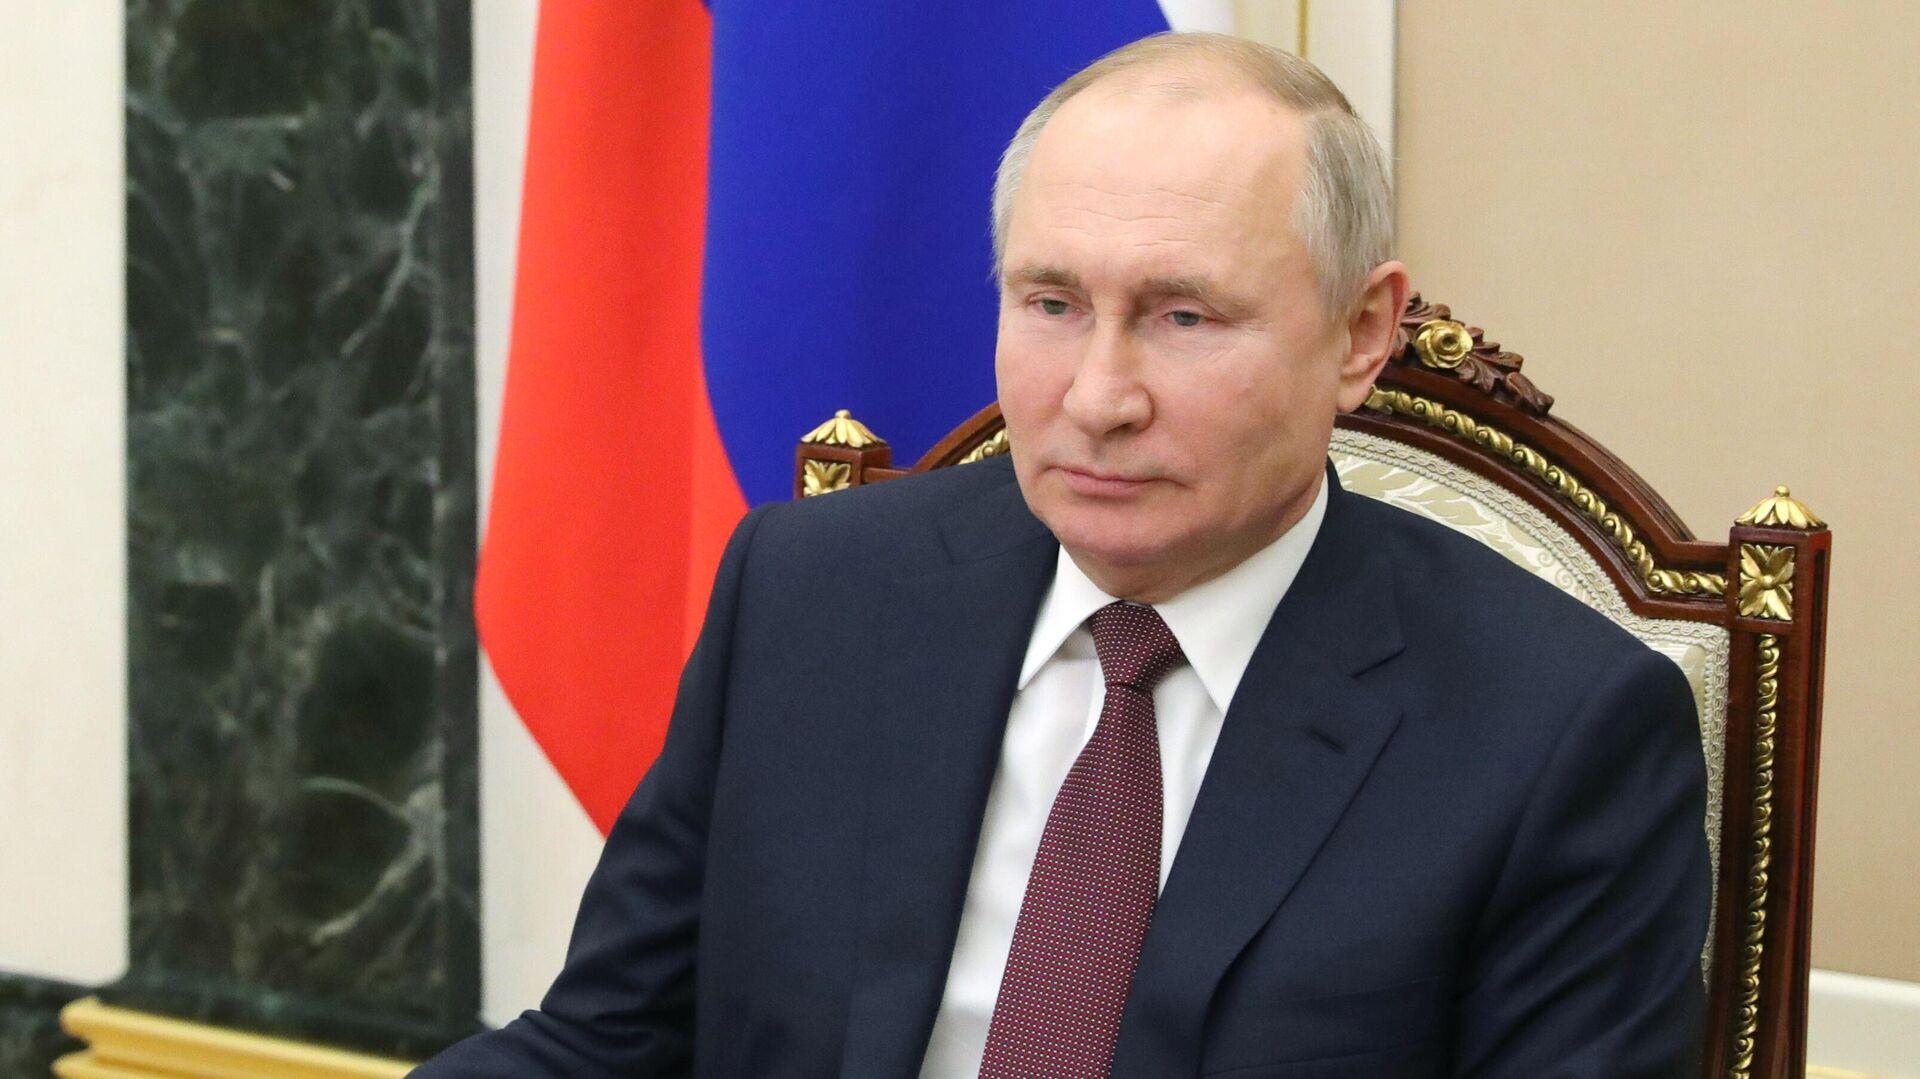 Президент РФ Владимир Путин проводит в режиме видеоконференции оперативное совещание с постоянными членами Совета безопасности РФ - РИА Новости, 1920, 11.02.2021